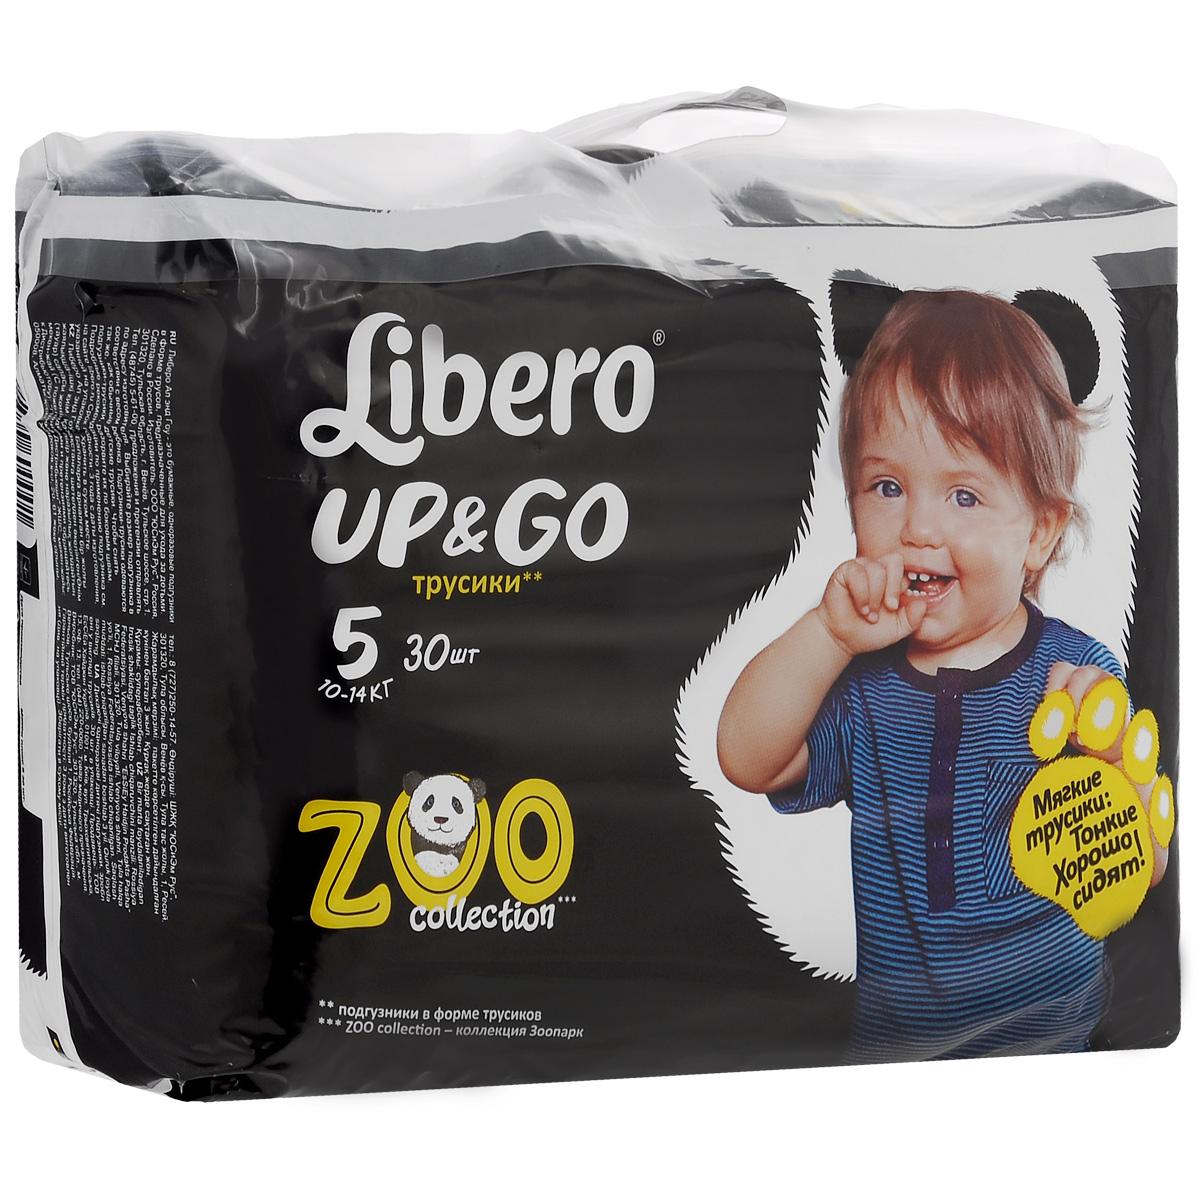 Libero Подгузники-трусики Up&Go Zoo Collection (10-14 кг) 30 шт6356Libero Up&Go - мягкие и удобные трусики. Созданы специально для активных малышей, тонкие и хорошо сидят, не стесняя движений. Попробуйте Libero Up&Go, если ваш малыш уже активно ползает или начинает ходить. Удобно одевать как обычные трусики. Благодаря мягкому эластичному пояску сидят как детские трусики и дарят комфорт в движении. Хорошо впитывают как обычные подгузники. После использования они легко снимаются при разрывании боковых швов, а клеящая лента позволяет их свернуть. Размер 5, 10-14 кг Смена подгузника не будет скучной, ведь в каждой упаковке Libero Up&Go вы найдете разные дизайны трусиков!